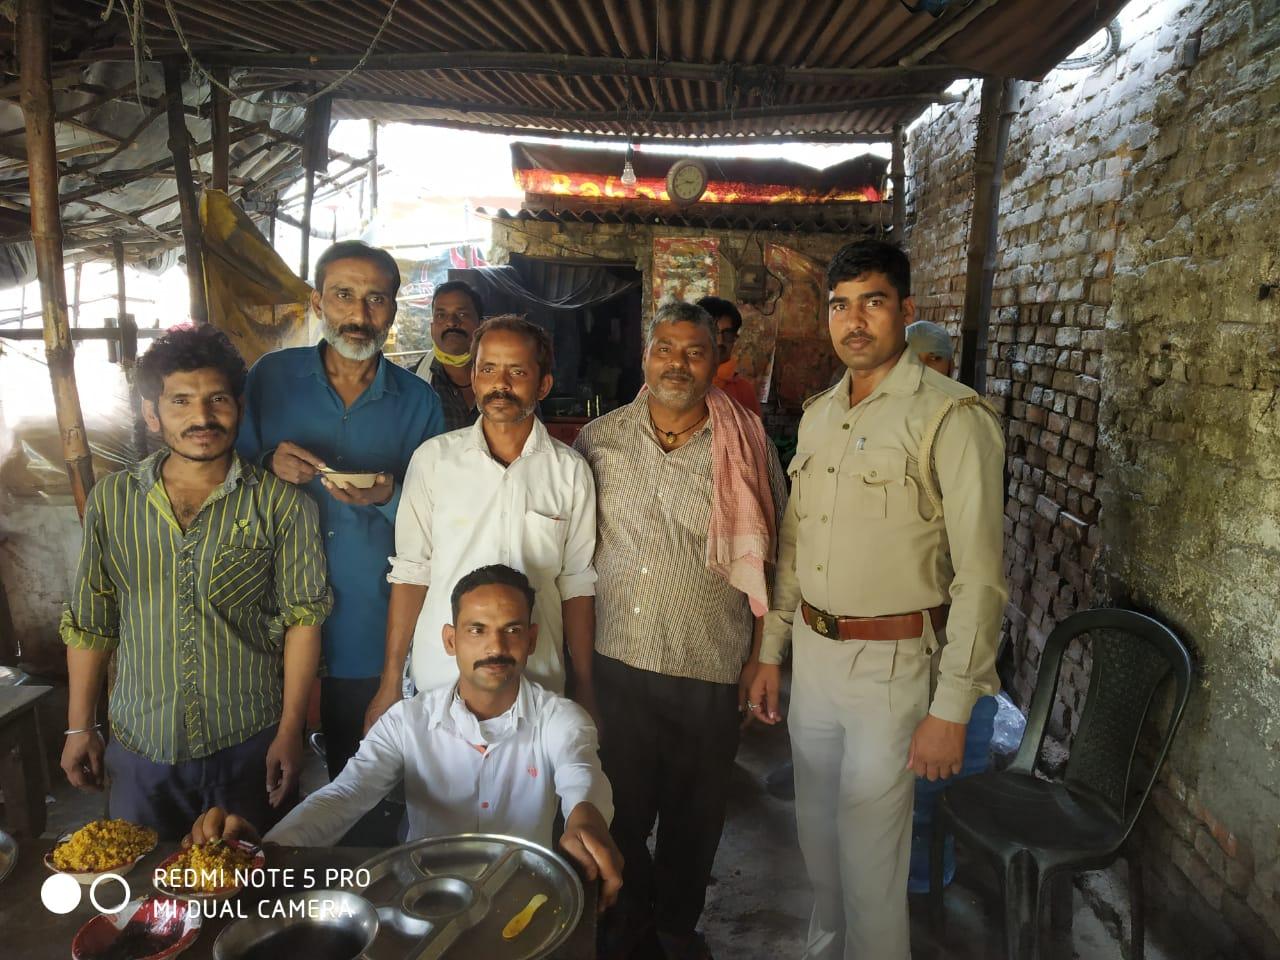 जौनपुर। कोरोना वायरस के रूप में फैली महामारी से बचाव के लिये जहां पुलिसकर्मी ड्यूटी पर मुश्तैद हैं, वहीं मानवता का परिचय देते हुये भूखों को भोजन भी करा रहे हैं। ऐसे पुलिस के जवान का नाम भरत यादव है जो शहर कोतवाली थाना क्षेत्र के सरायपोख्ता पुलिस चौकी पर तैनात हैं। उन्होंने बताया कि शहर कोतवाल पवन उपाध्याय के निर्देशन एवं चौकी प्रभारी अरविन्द यादव के नेतृत्व में वह लगातार भूखों को भोजन करा रहे हैं। सोमवार को भूखों को भोजन कराने का 30वां दिन रहा जो आगे भी चलता रहेगा। श्री यादव ने बताया कि नगर के ही तमाम सामर्थ्य लोगों के सहयोग से पालिटेक्निक चौराहे के पास भोजन बनाया जाता है। इसके बाद उक्त मार्ग से गुजरने वालों सहित नगर क्षेत्र के जरूरतमन्दों तक भोजन पहुंचाया जाता है।